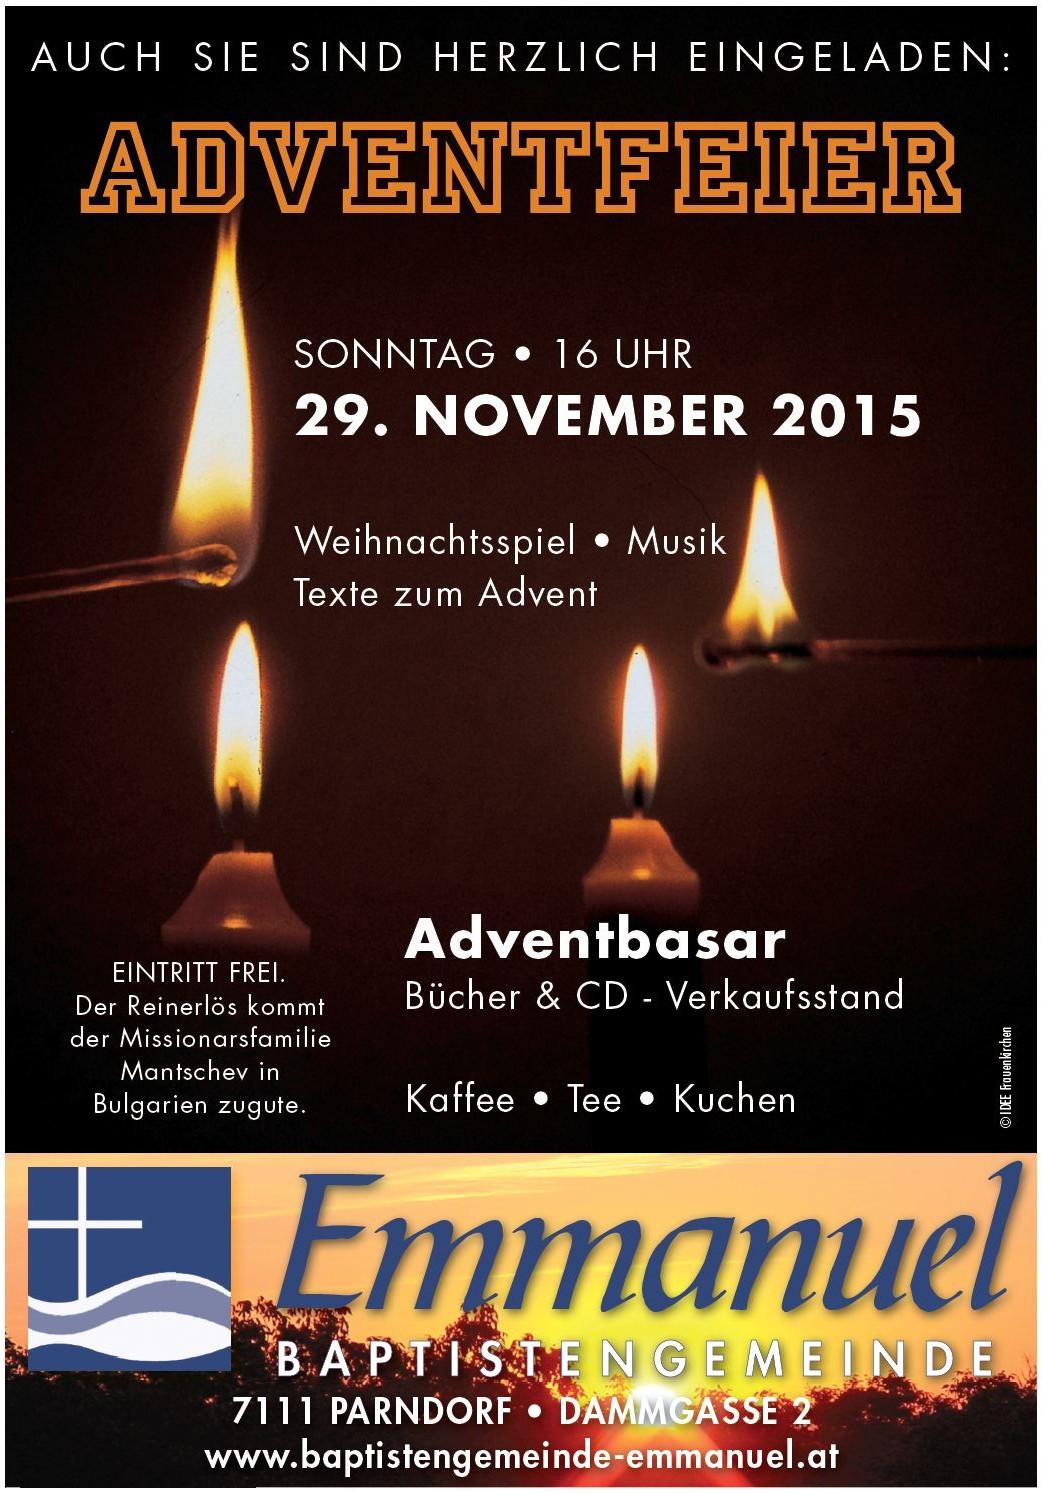 Herzliche Einladung zur Adventfeier 2015